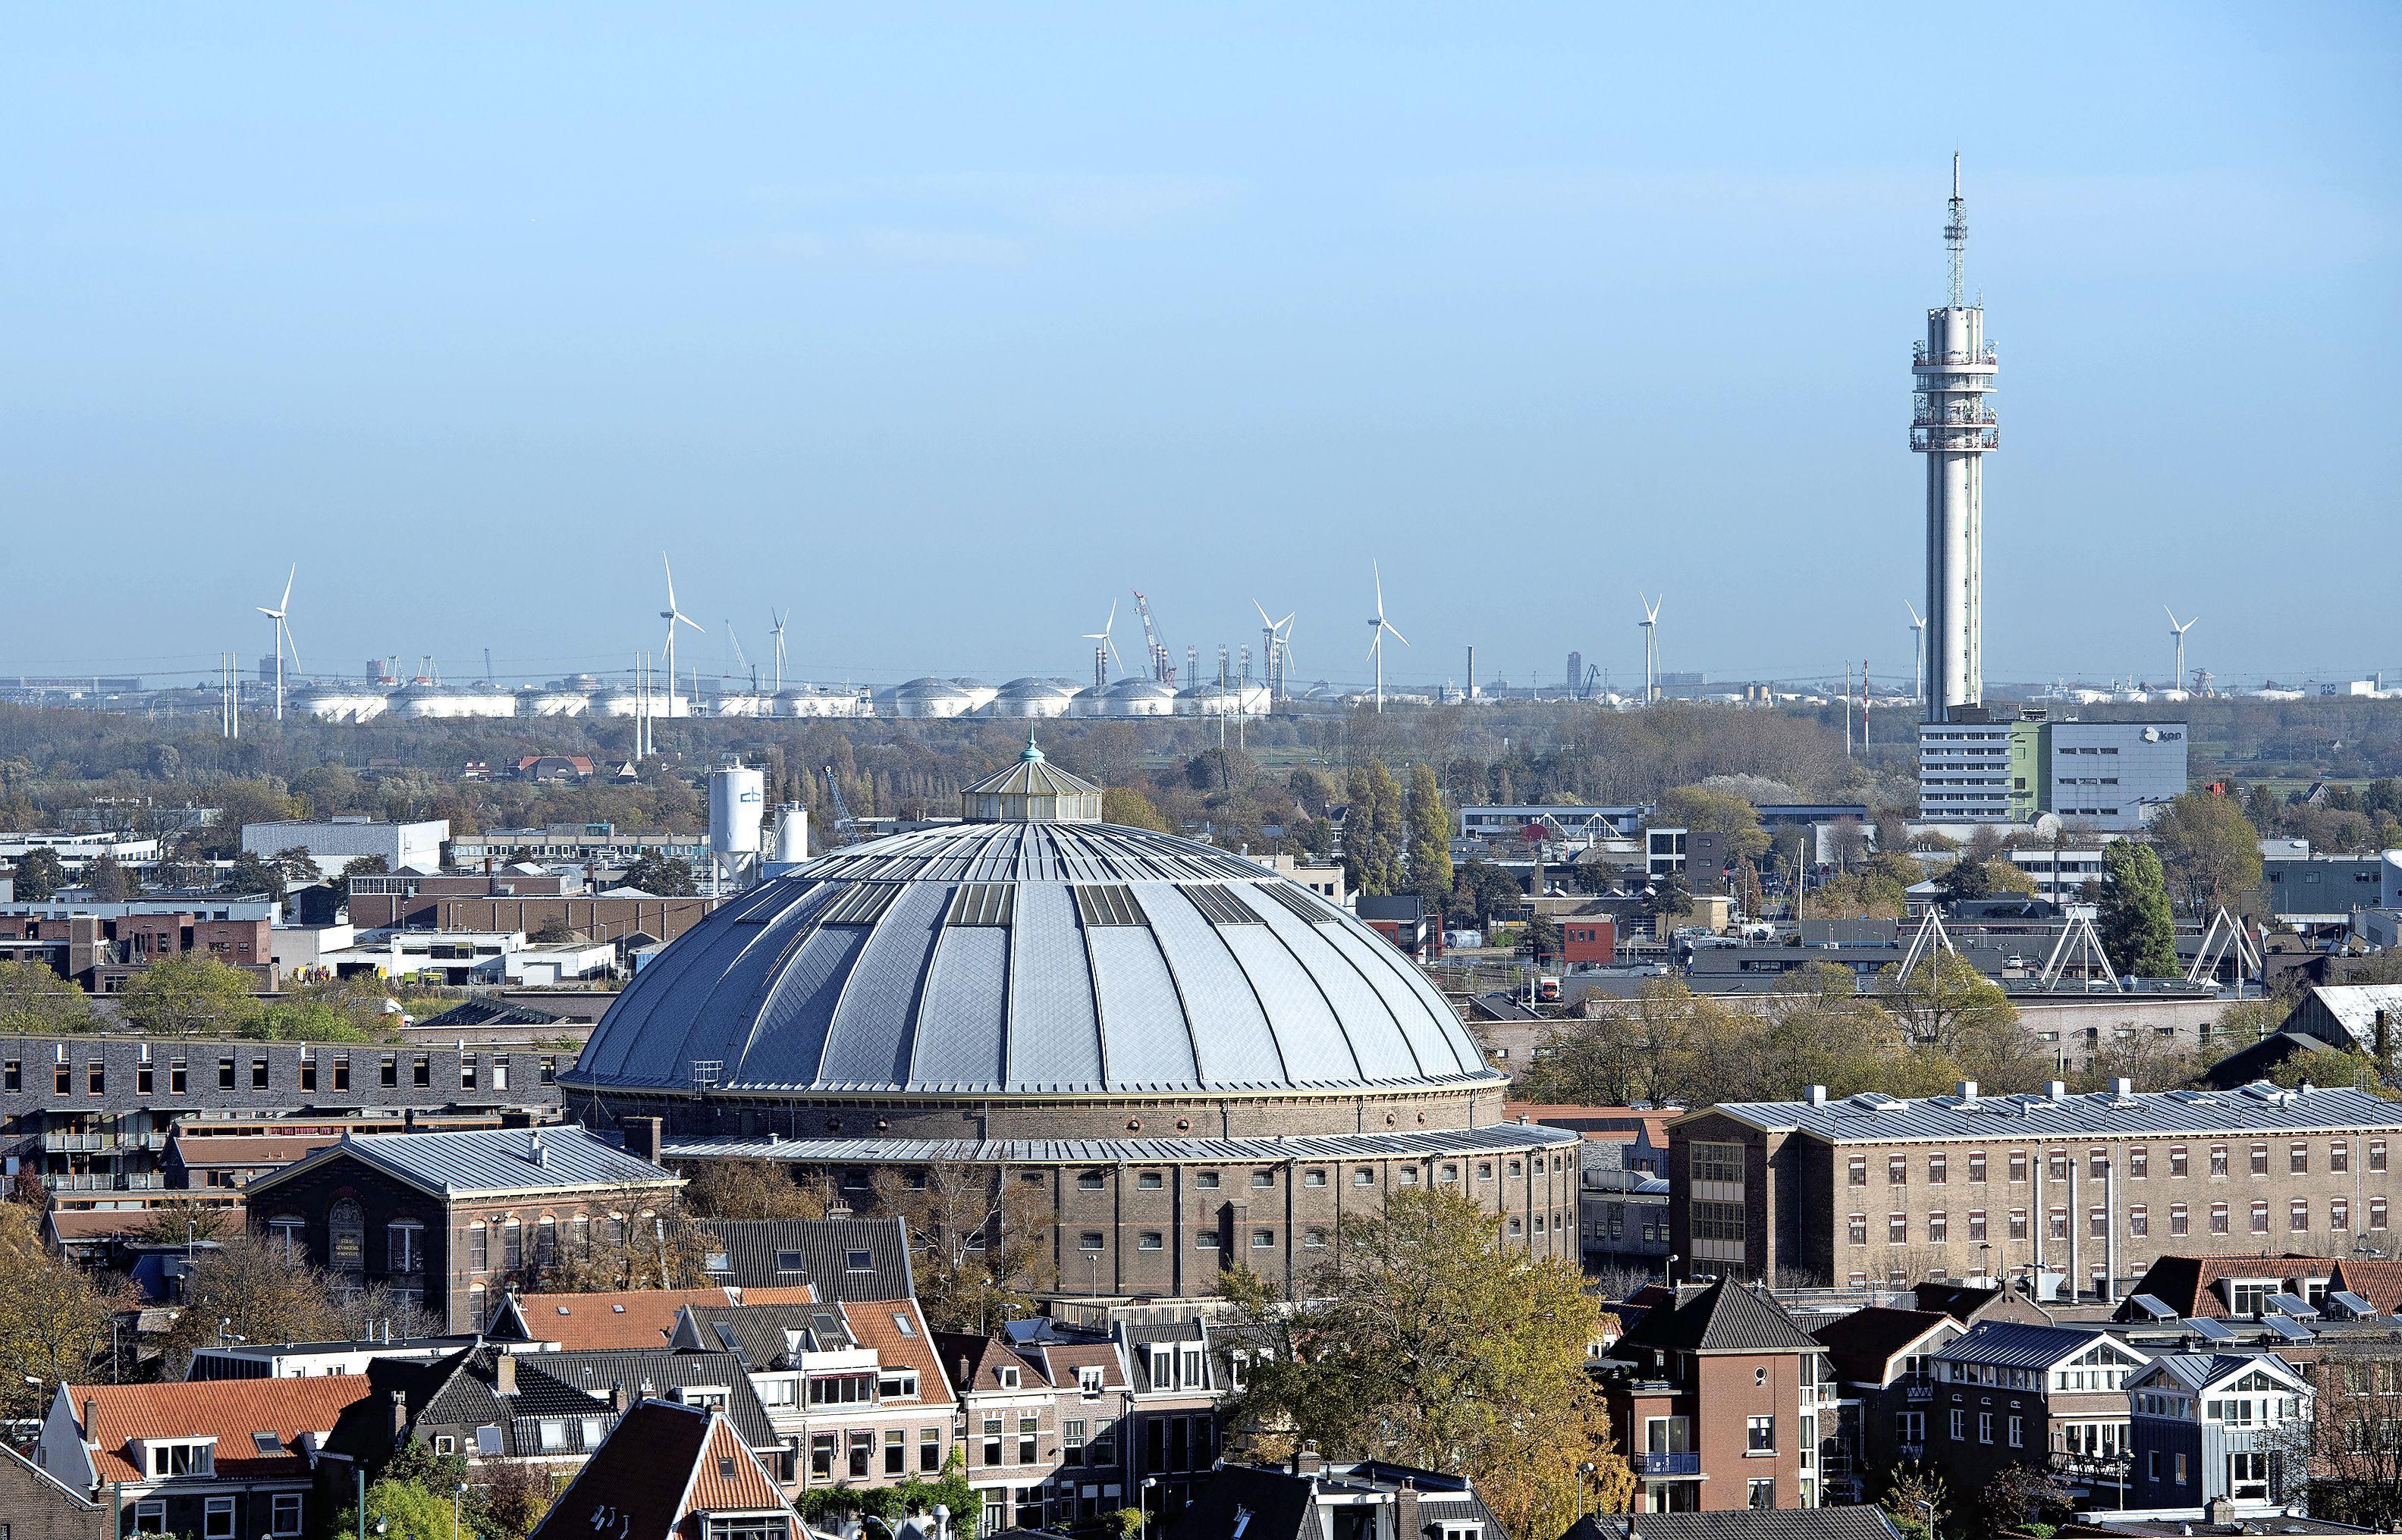 Provincie stelt miljoen euro beschikbaar voor betaalbare studenten- en jongerenwoningen bij voormalig gevangenis De Koepel in Haarlem